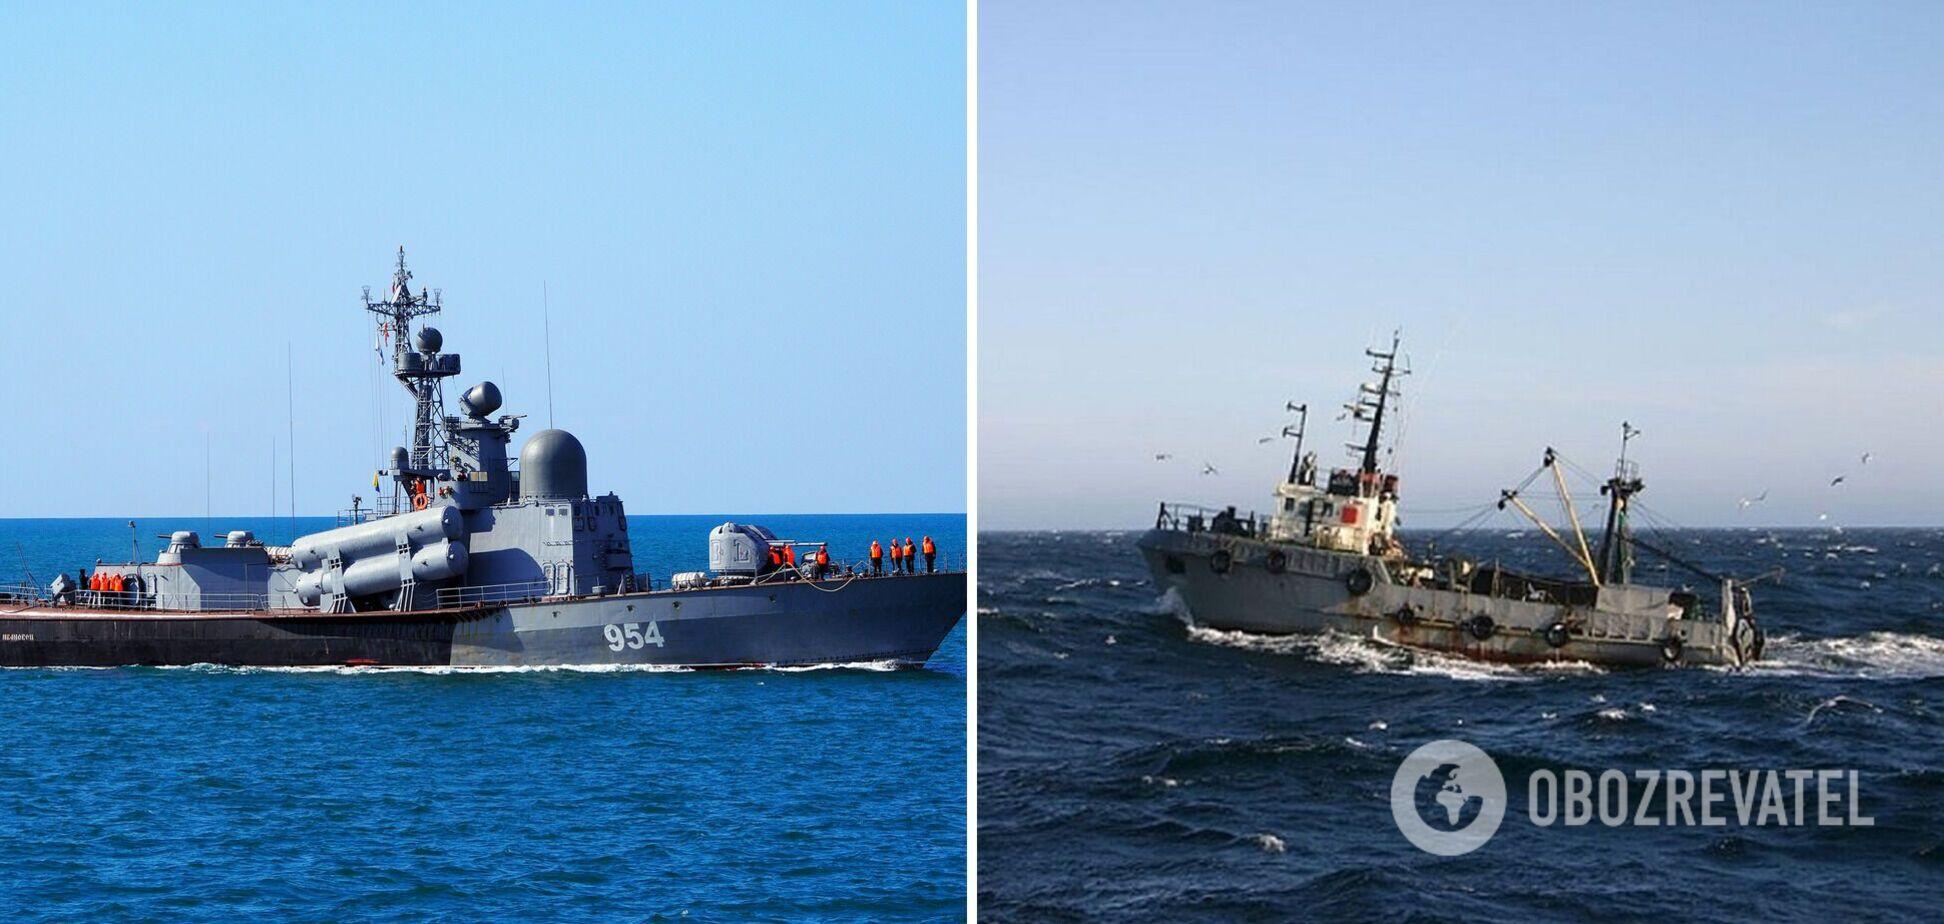 Украинские рыбаки потерпели бедствие в Черном море: корабли РФ игнорировали сигнал SOS. Подробности ЧП